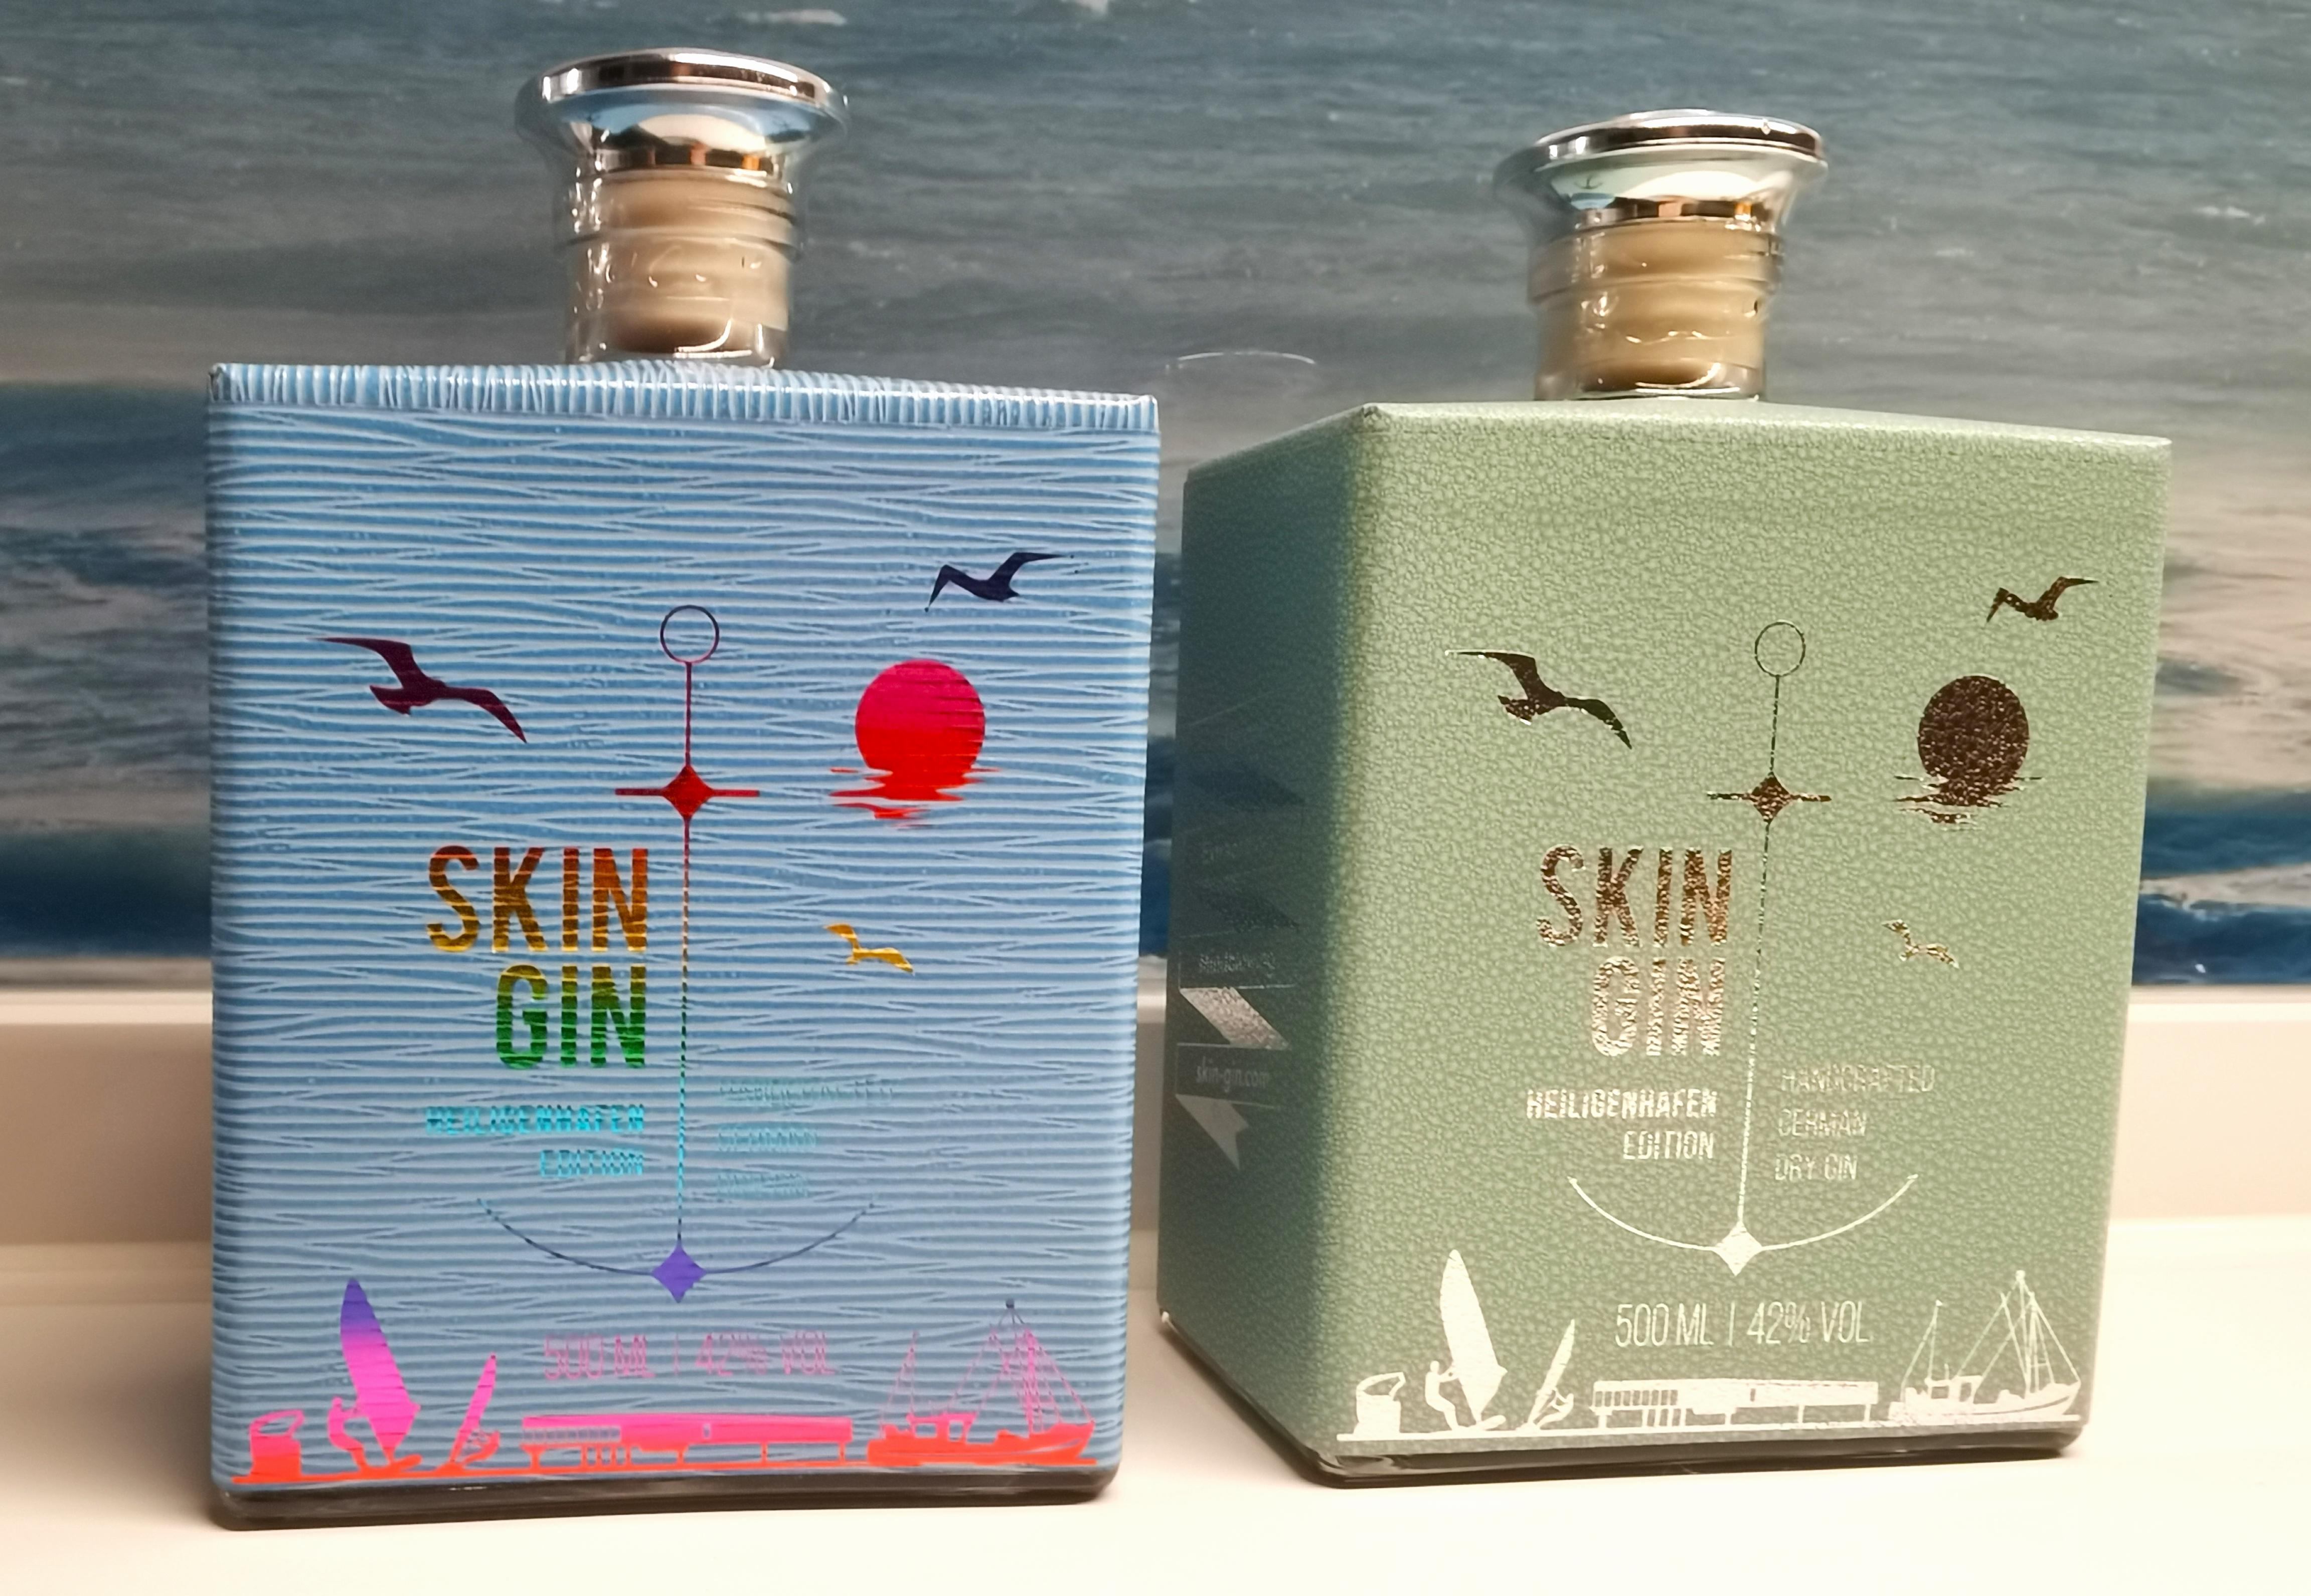 skin gin heiligenhafen skin gin schleswig holstein skin gin januli